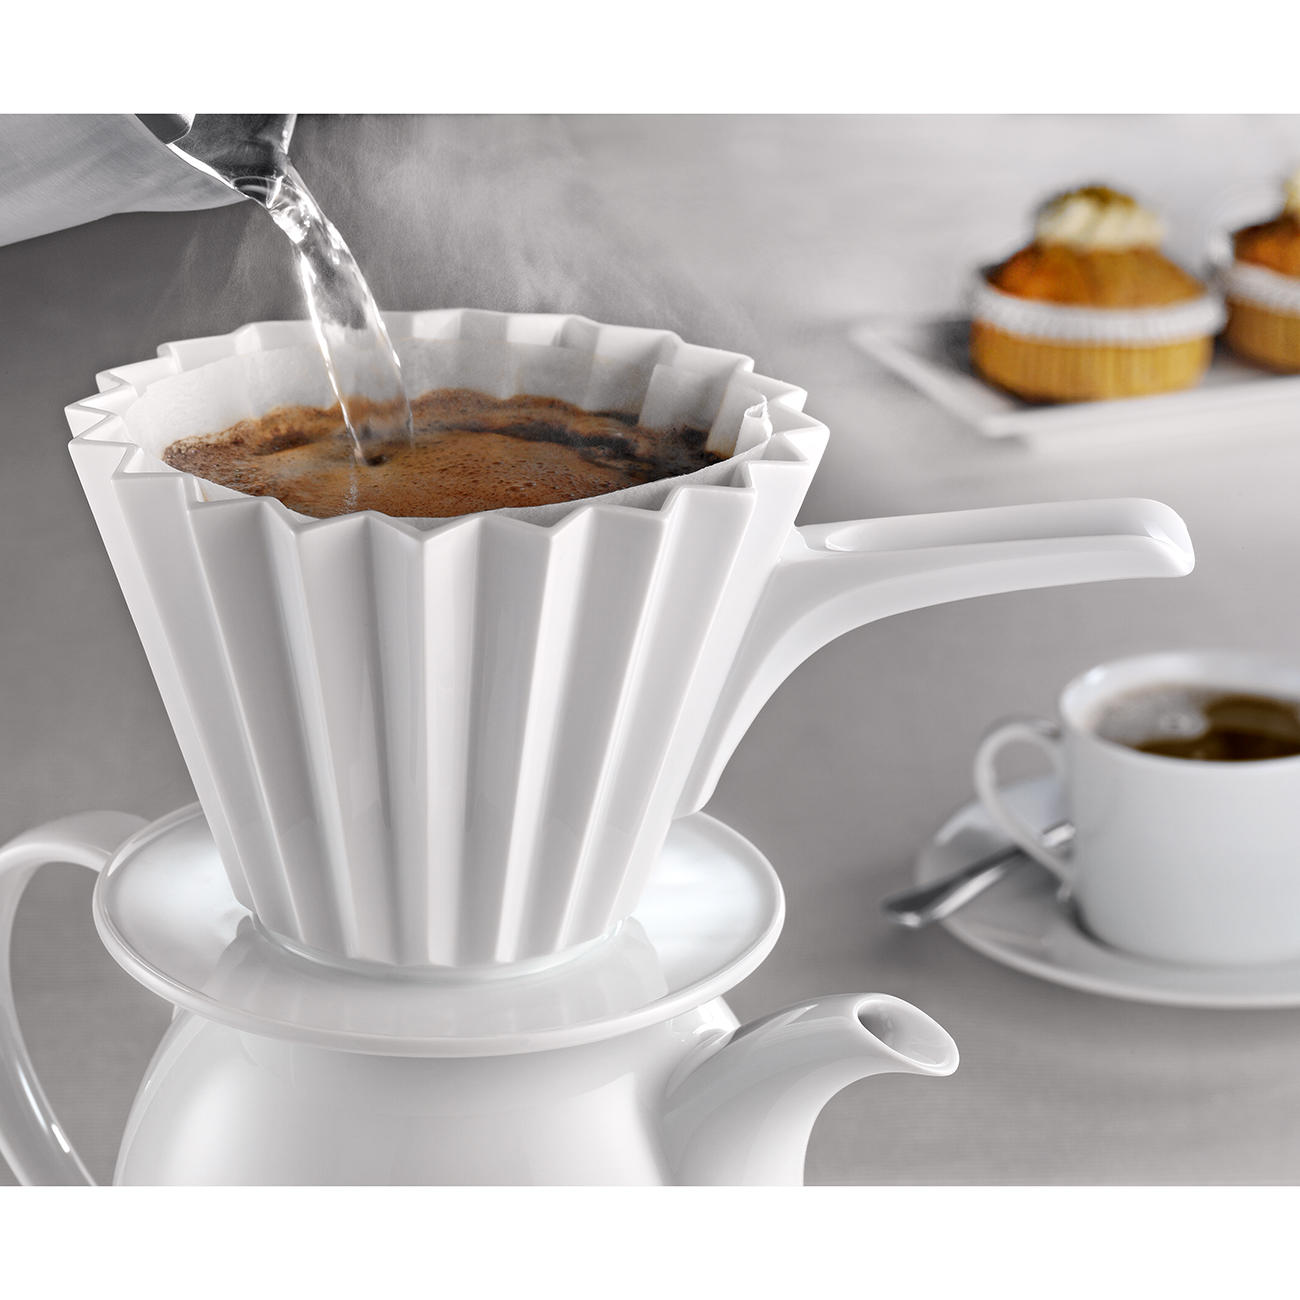 filtre caf thermique garantie produit de 3 ans. Black Bedroom Furniture Sets. Home Design Ideas